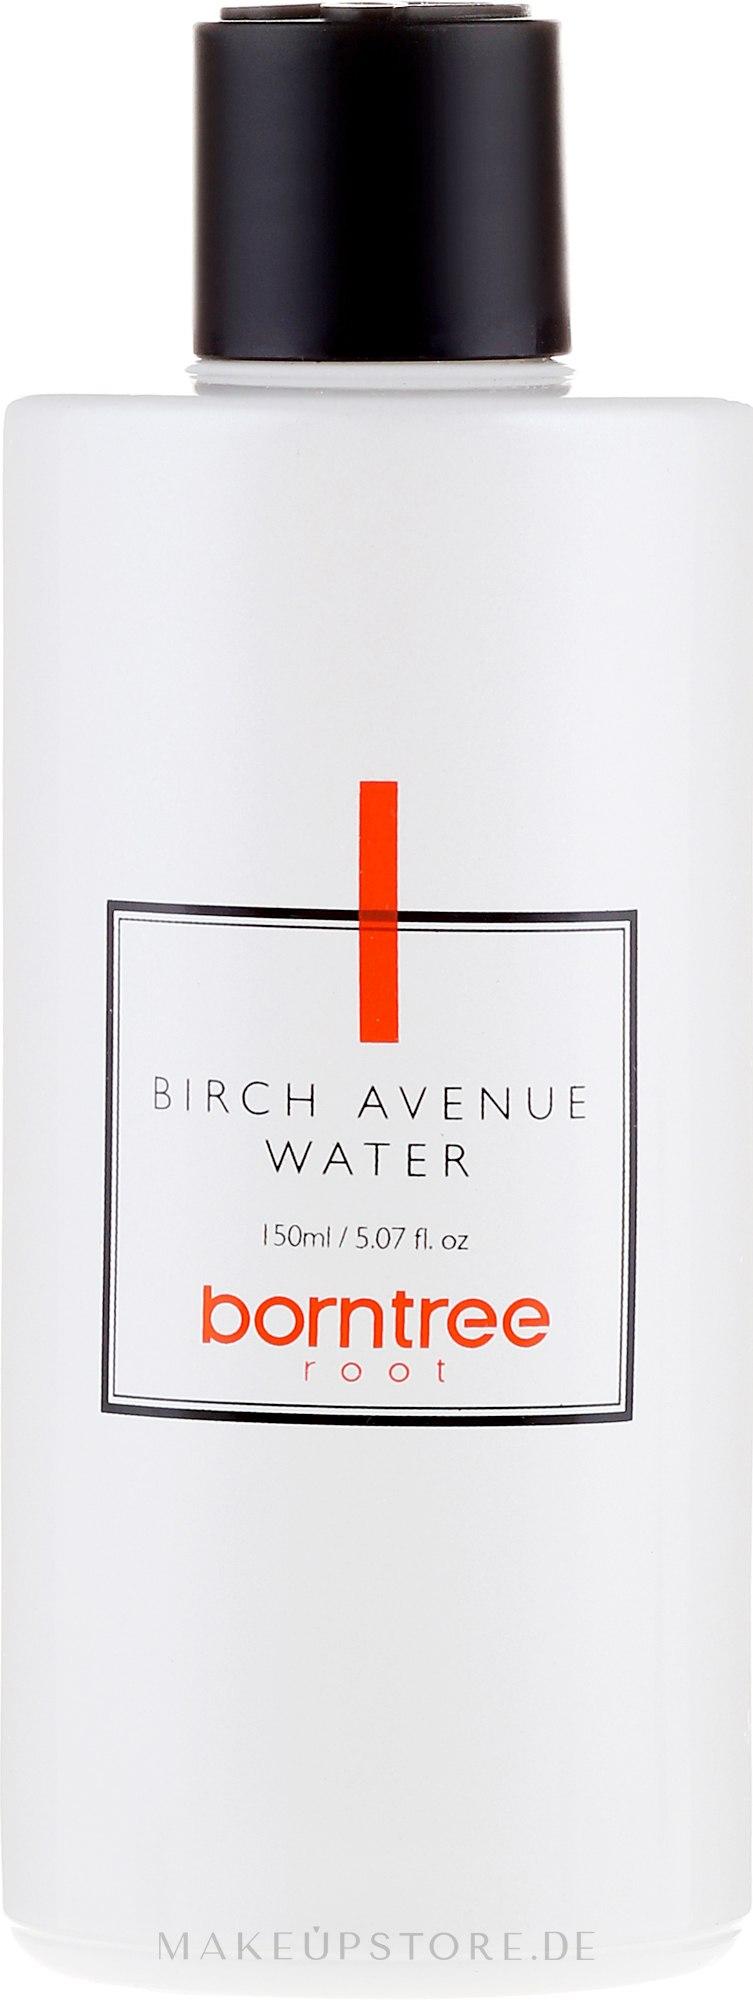 Feuchtigkeitsspendendes Gesichtswasser mit pflanzlichen Stammzellen - Borntree Root Birch Avenue Water — Bild 150 ml